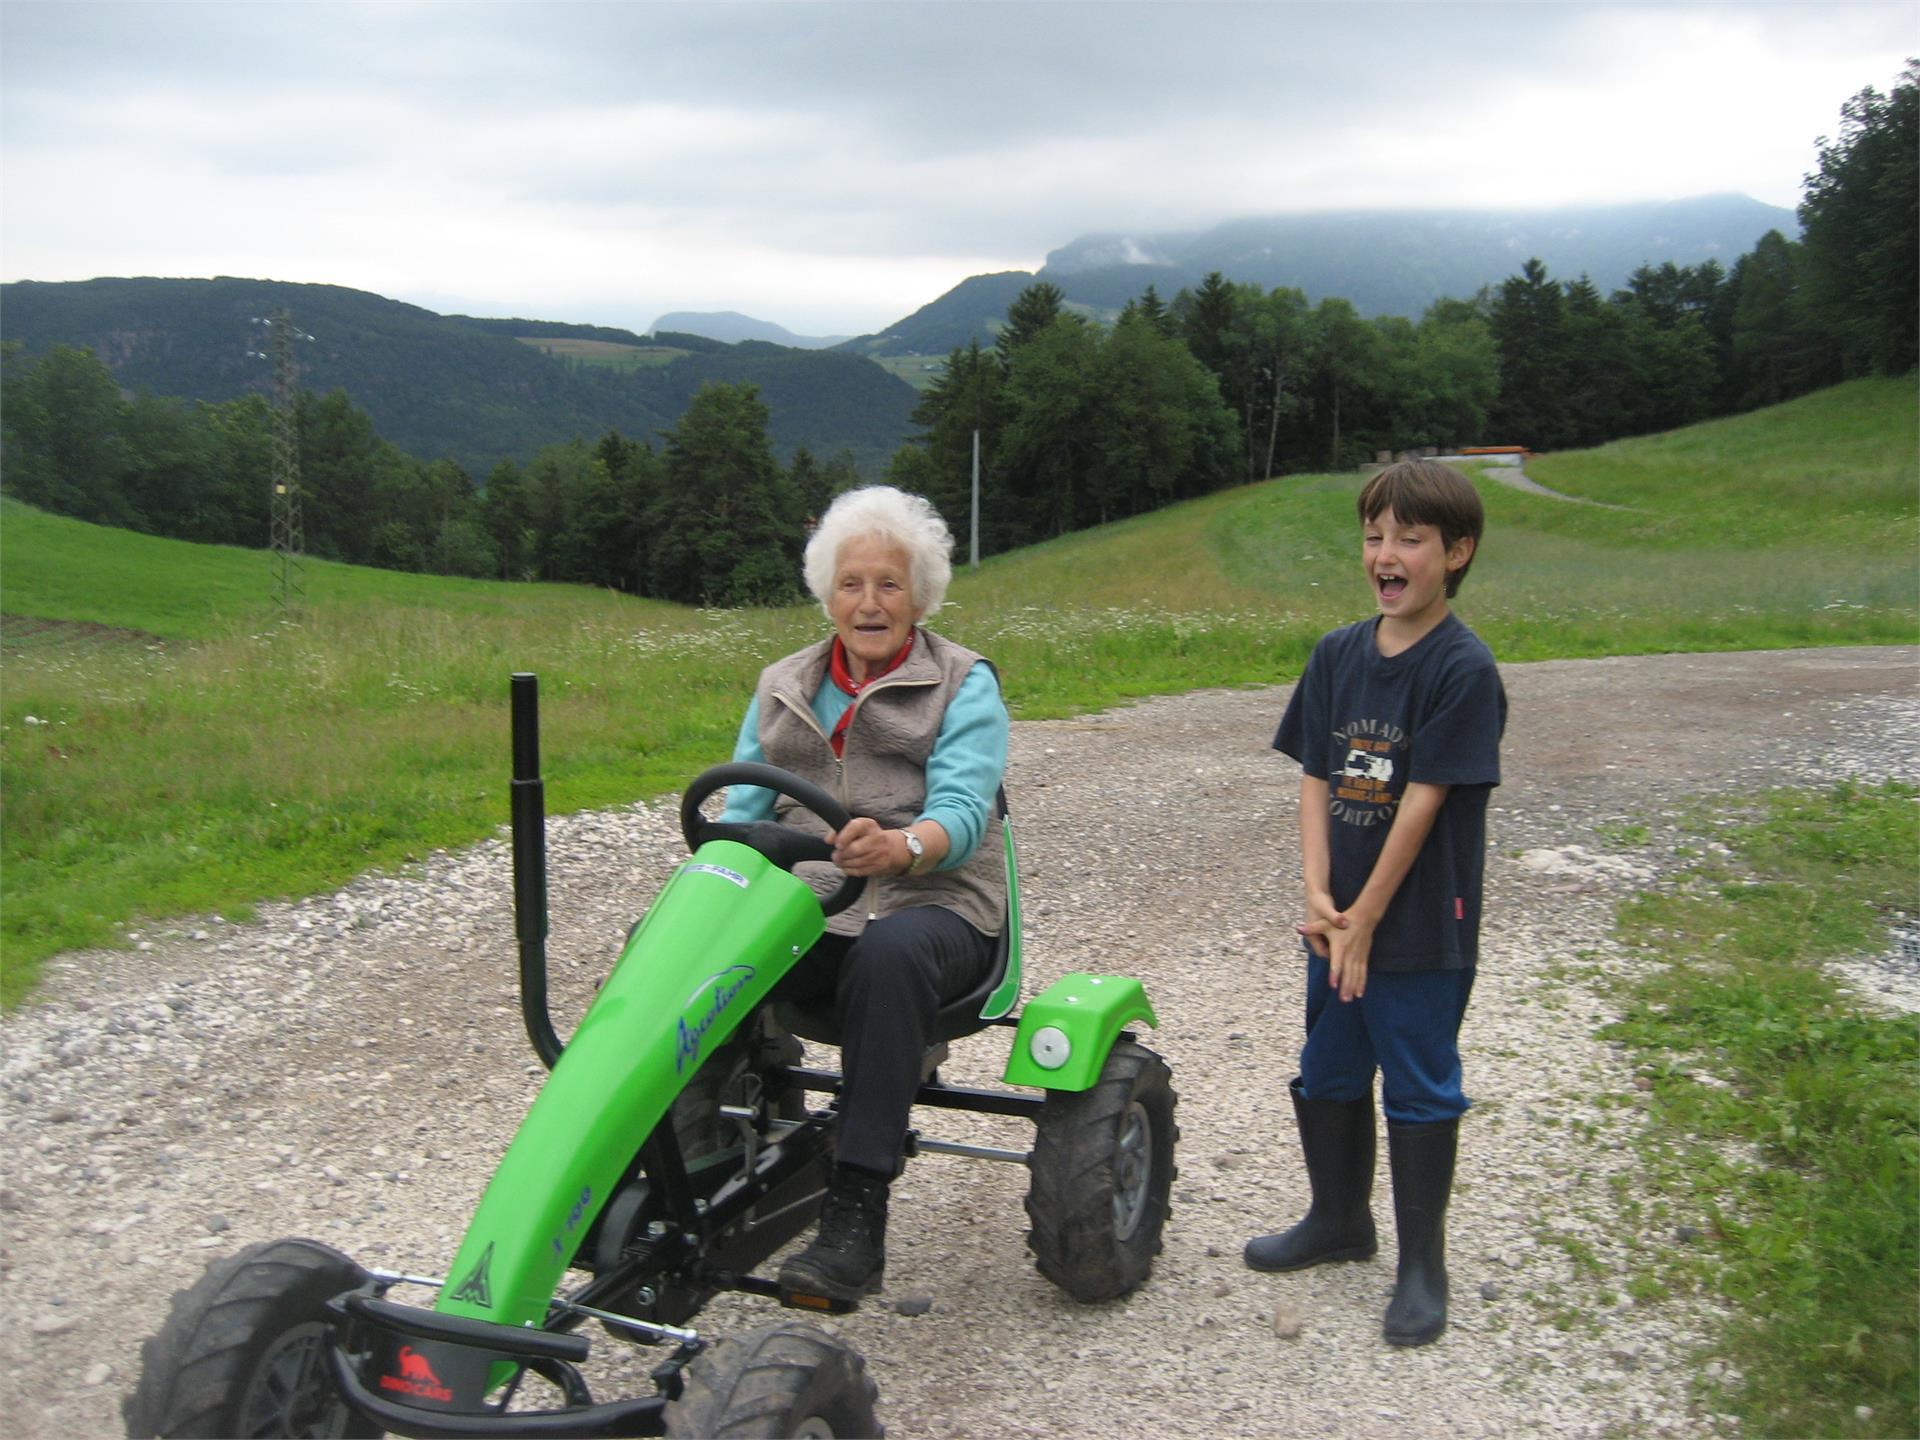 traktorfahren macht Spaß für jung und alt- Salmsein Biohof, Völs am Schlern